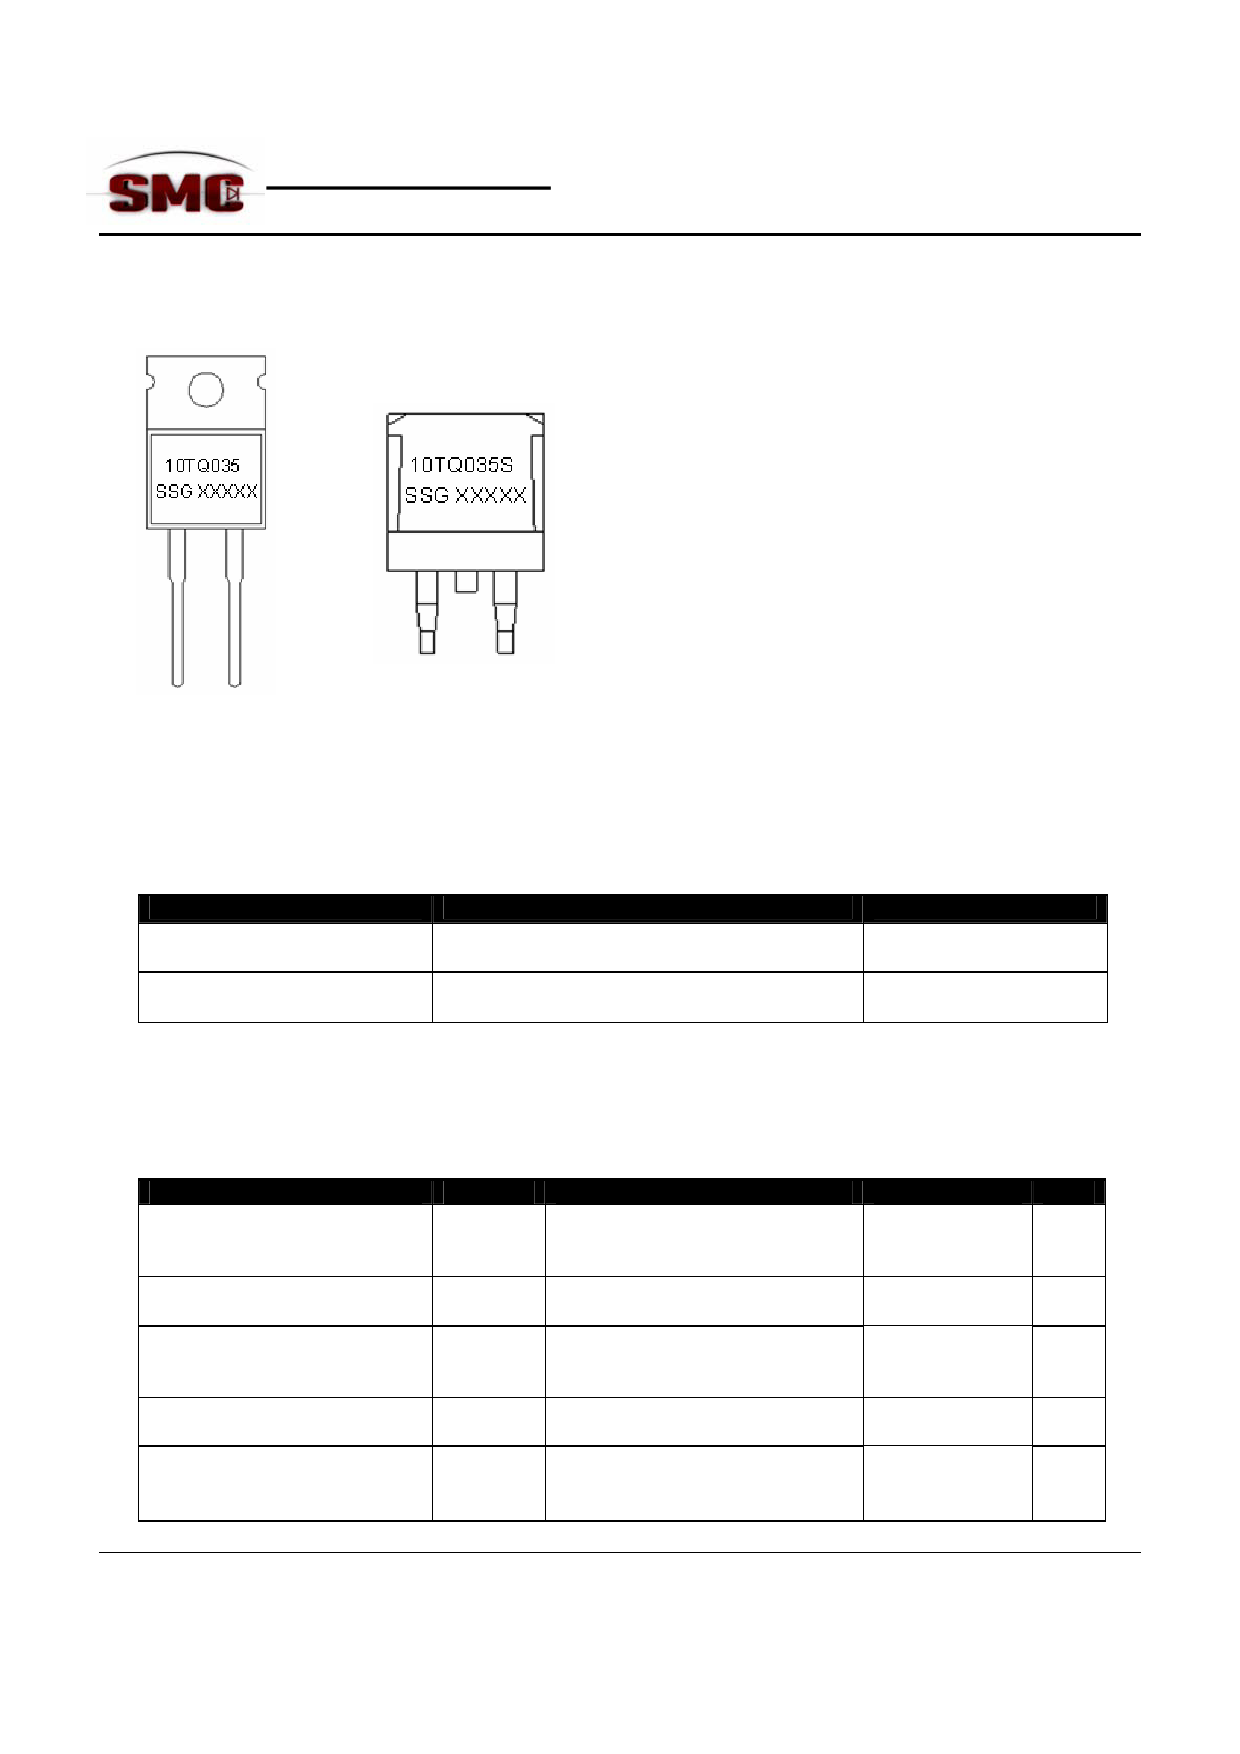 10TQ035 pdf, ピン配列